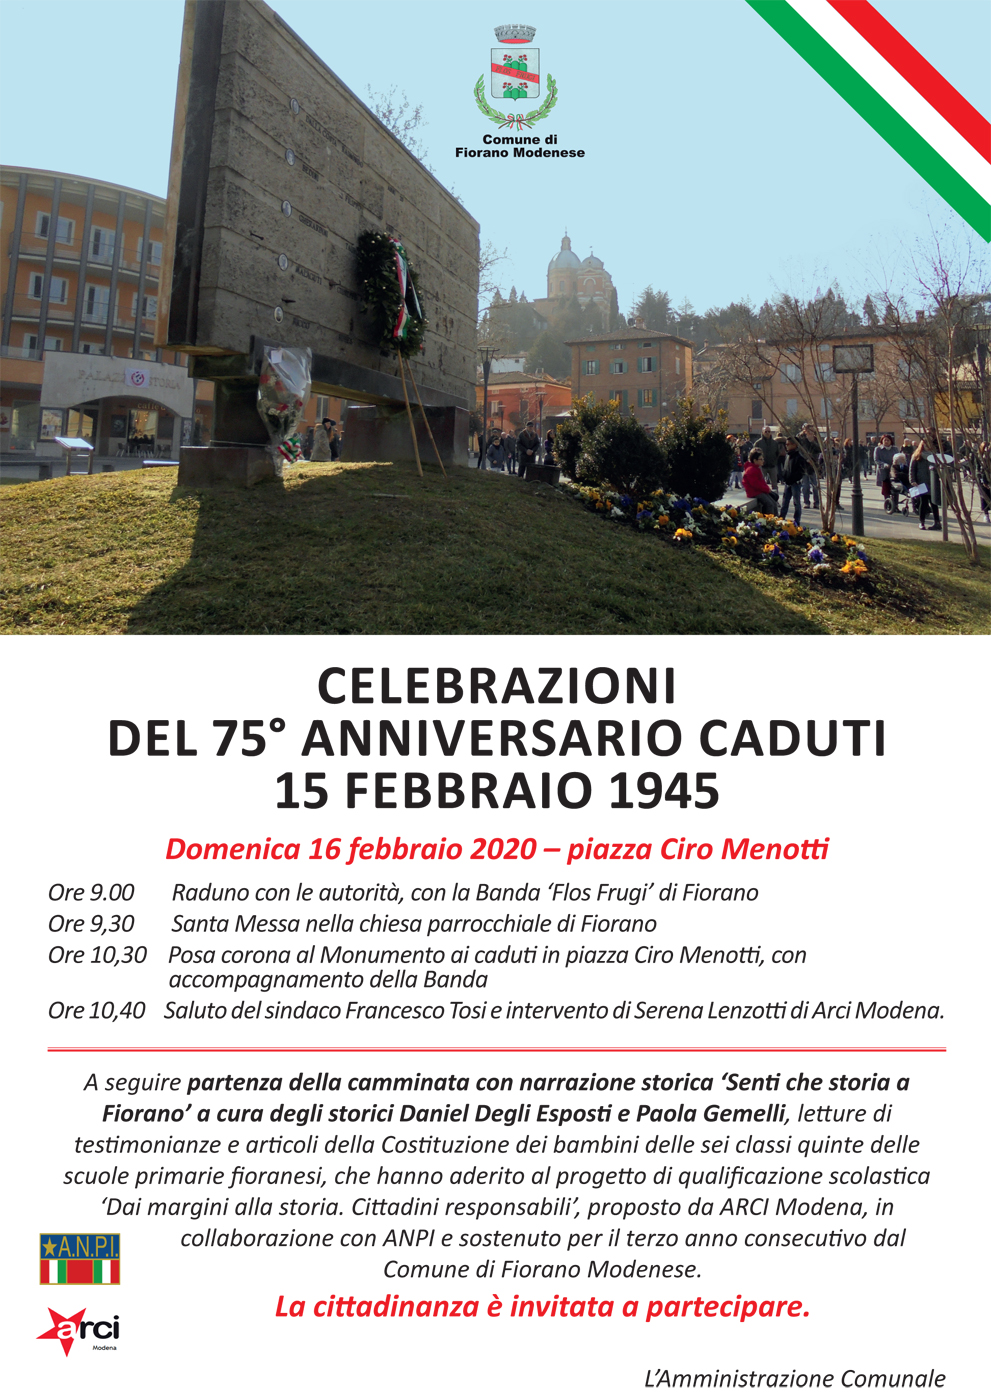 Fiorano modenese piazza Ciro Menotti: celebrazioni dell'anniversario dei caduti del 15 febbraio 1945